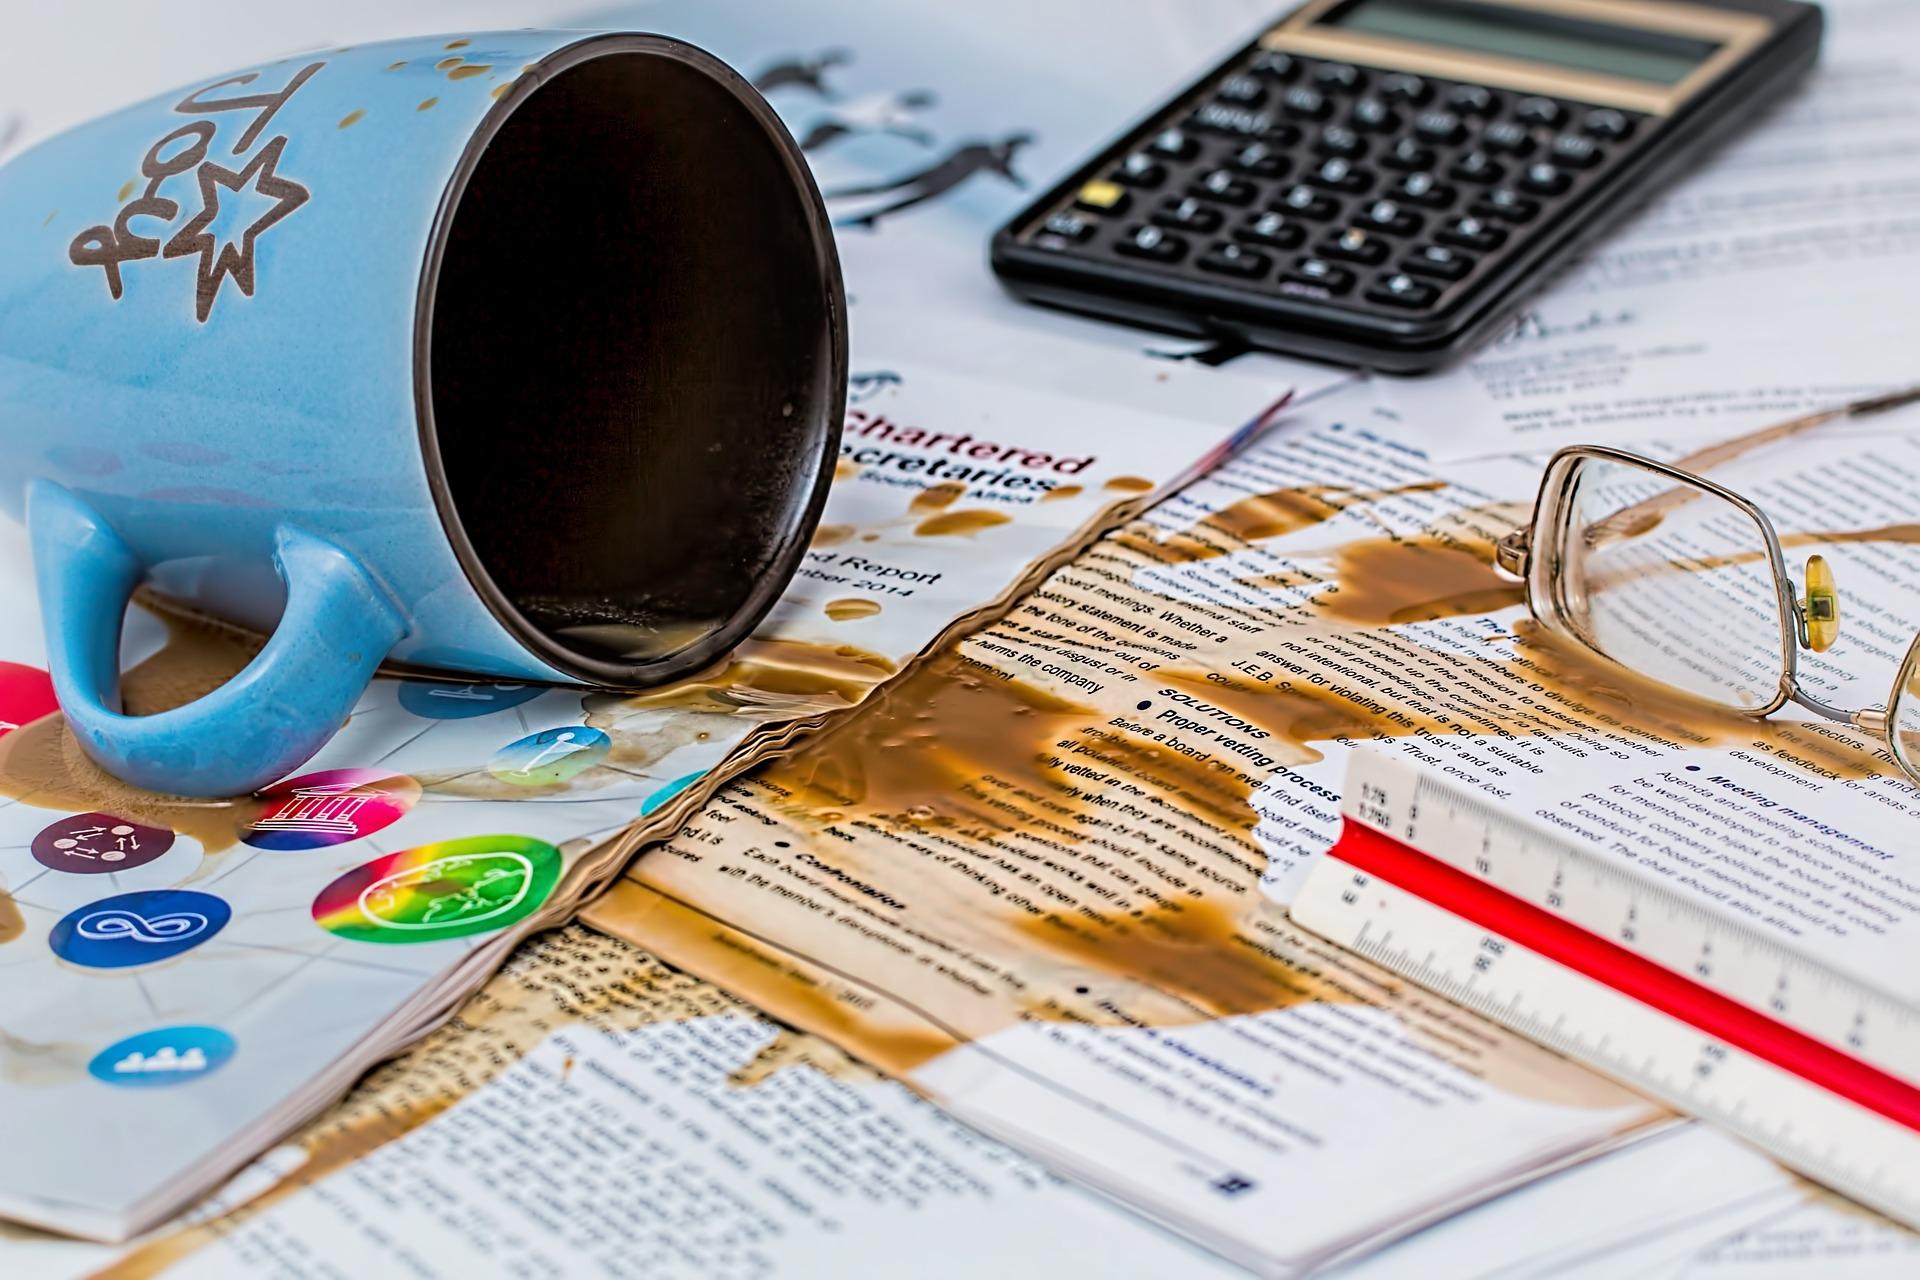 Как раскрывать сведения, если они повлекут ущерб или повредят деловой репутации?